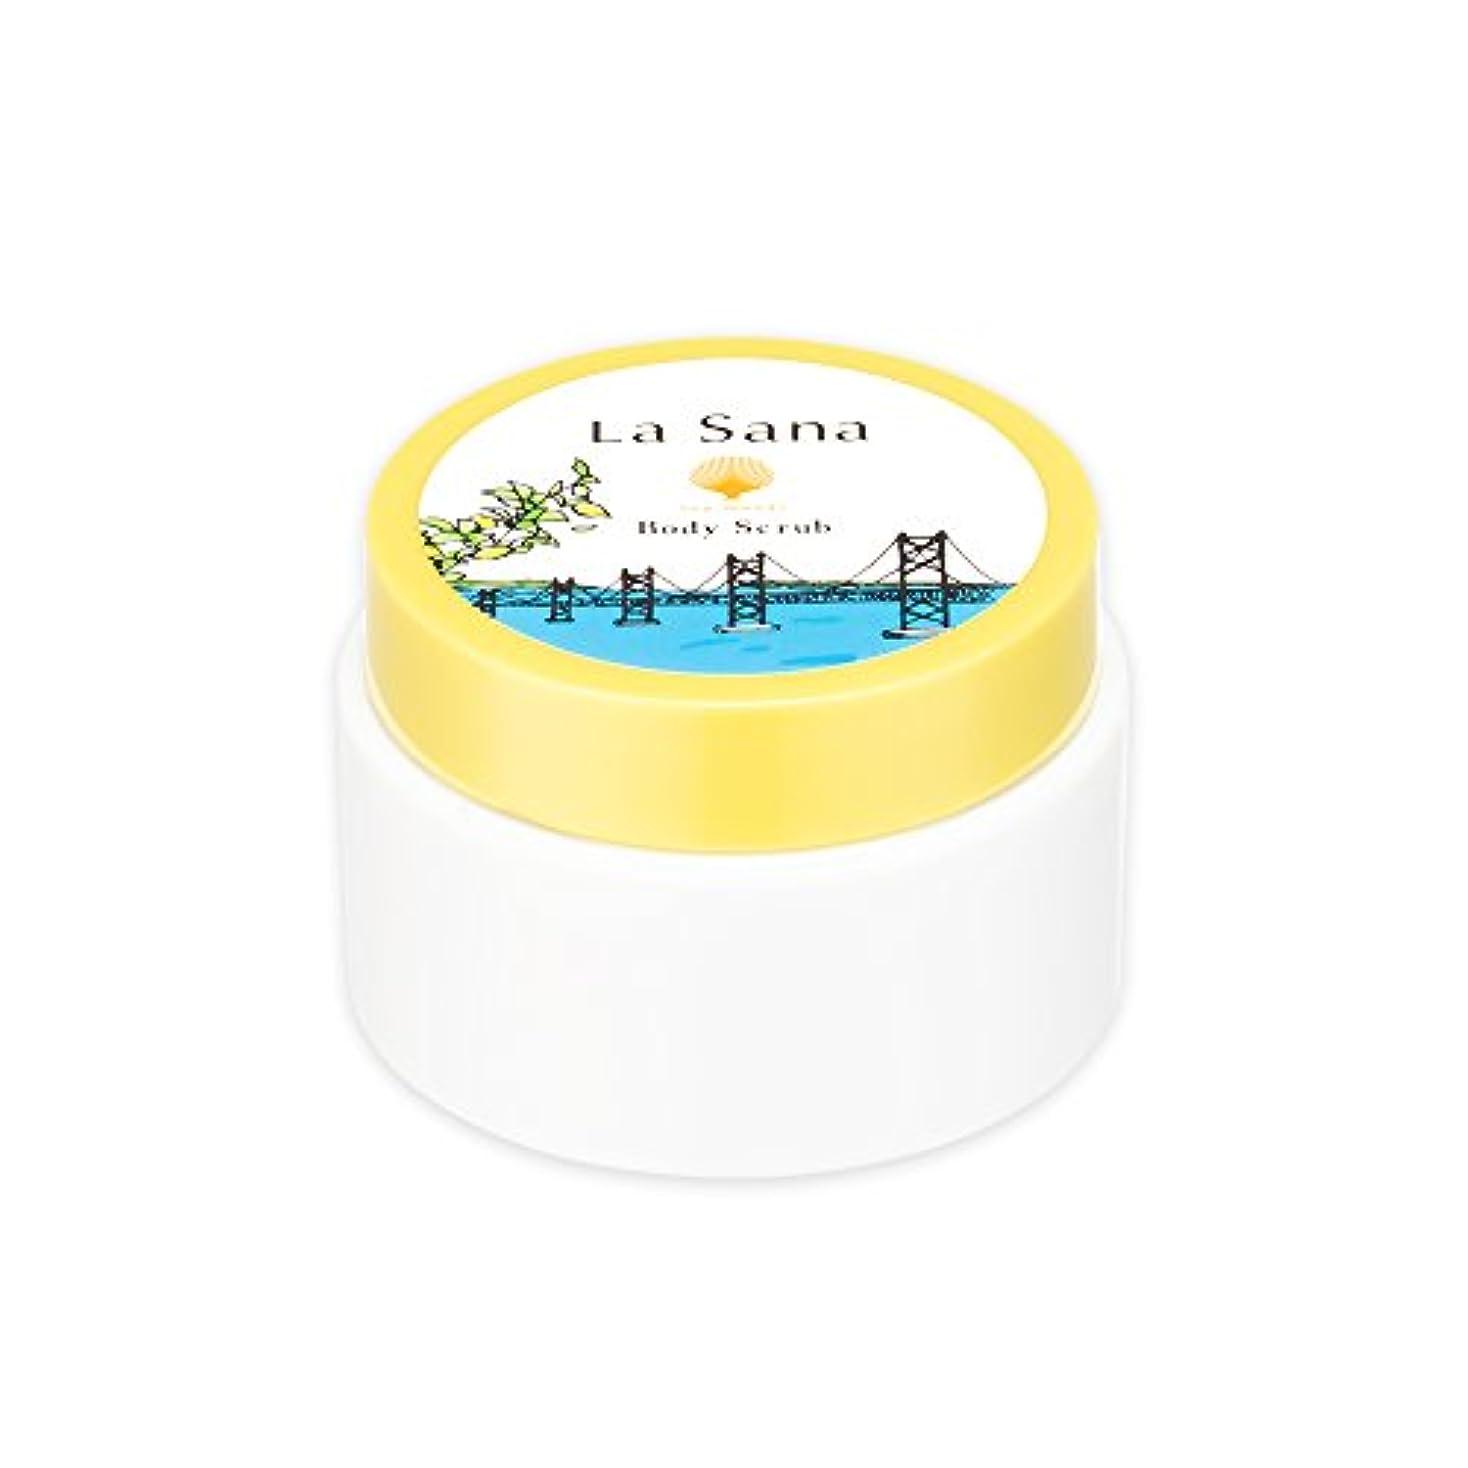 成長する誕生日エールラサーナ La sana 海藻 ボディ スクラブ 100g 限定 瀬戸内レモンの香り ボディケア 日本製 (約1ヵ月分)